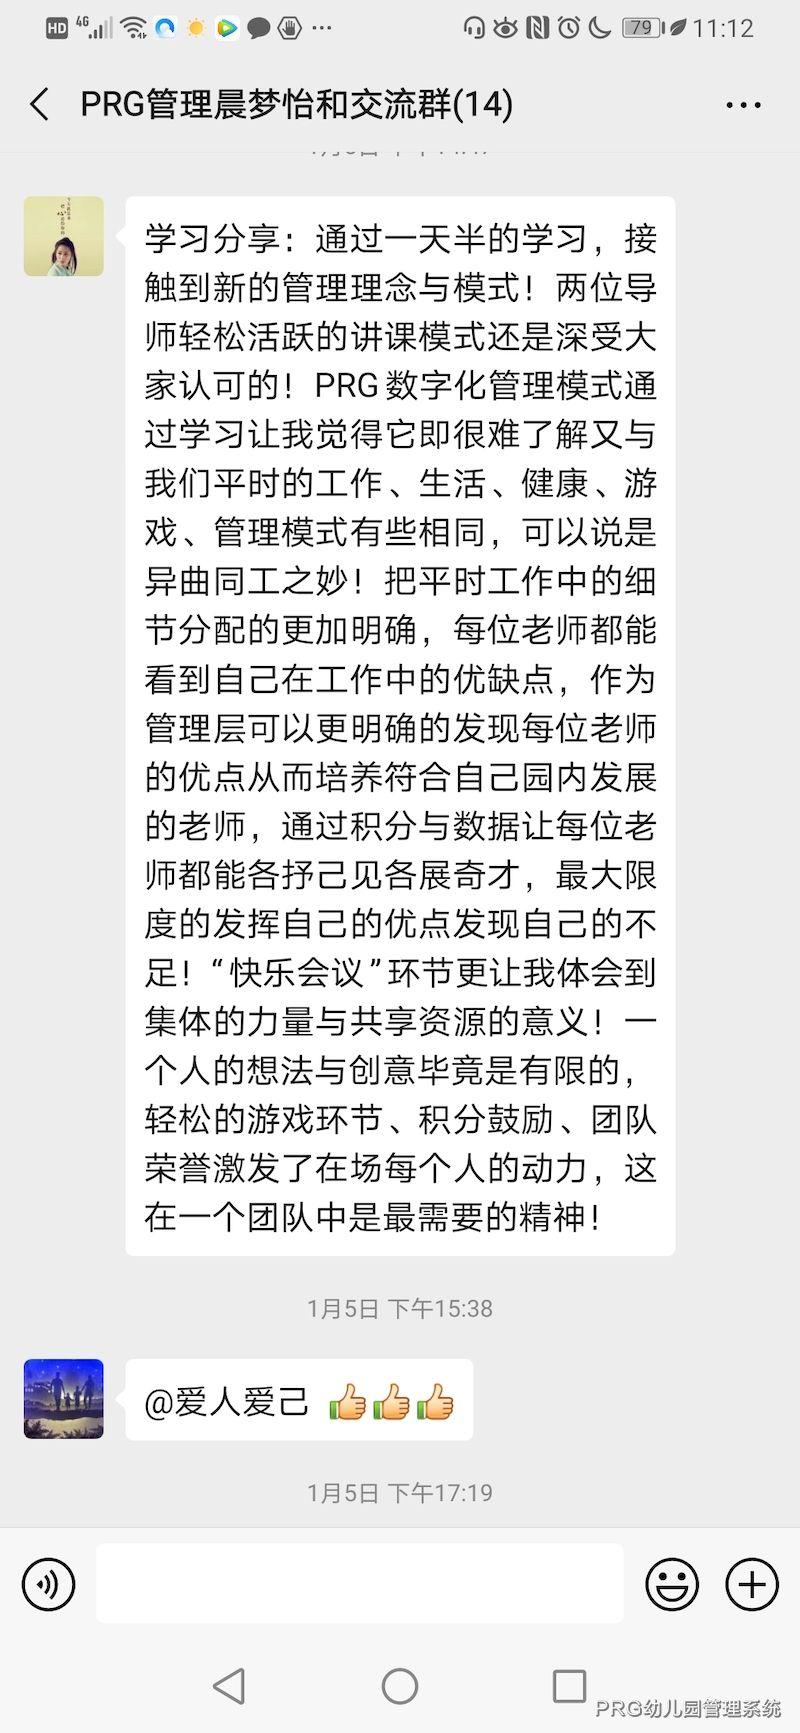 晨梦、怡和幼儿园PRG<a href=https://www.xiaoxianprg.com/ target=_blank class=infotextkey>幼儿园管理系统</a>学习感言分享5